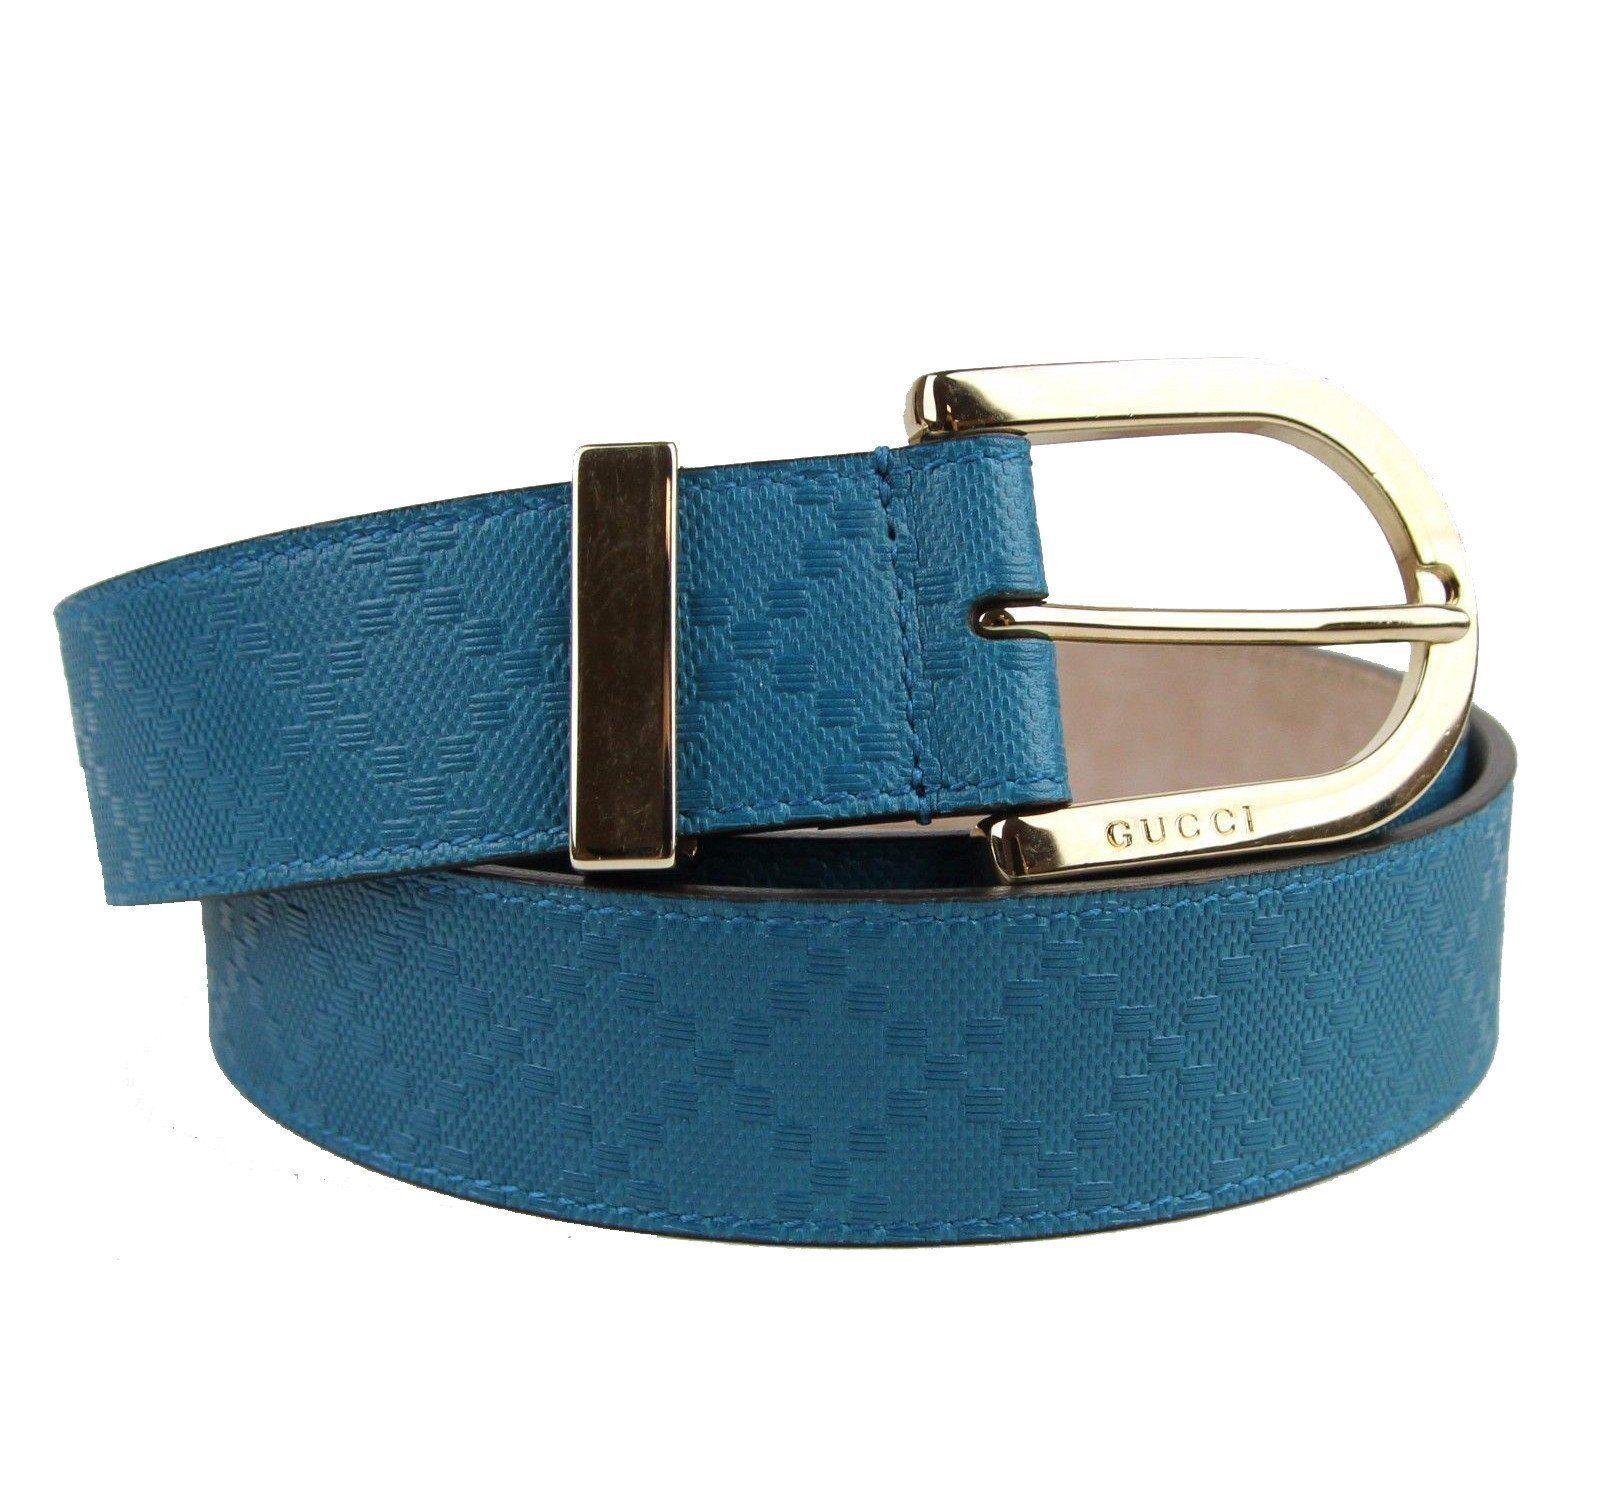 94a7cc20581 Gucci Women s Bright Tourquise Blue Diamante Leather Belt Size 40 ...